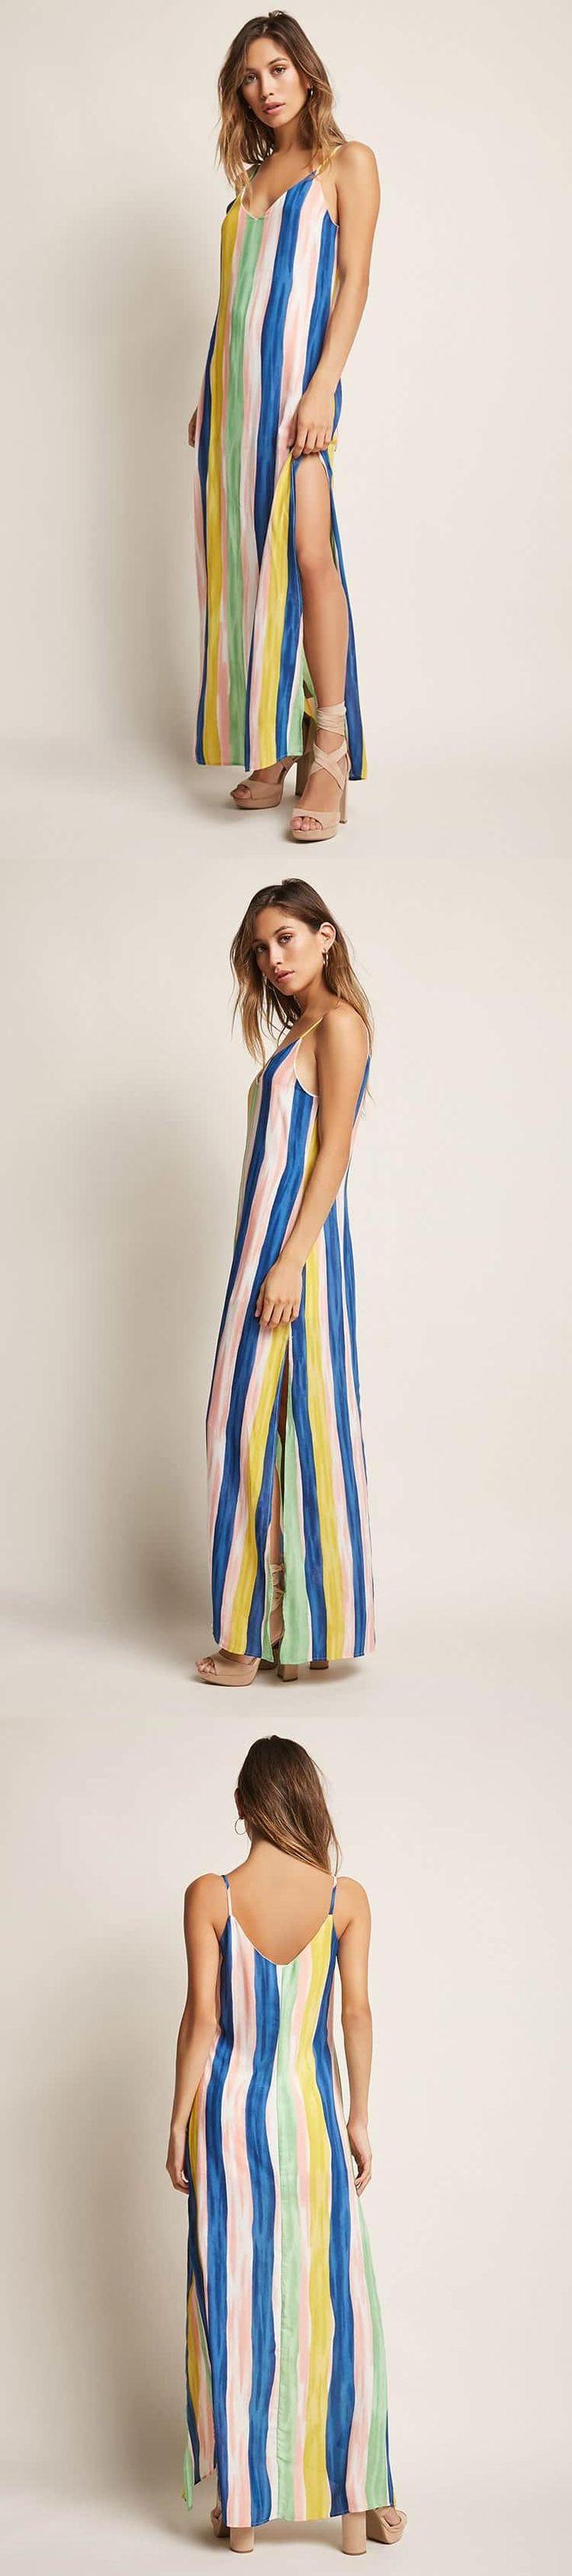 Striped Cami Maxi Dress // 35.00 USD // Forever 21